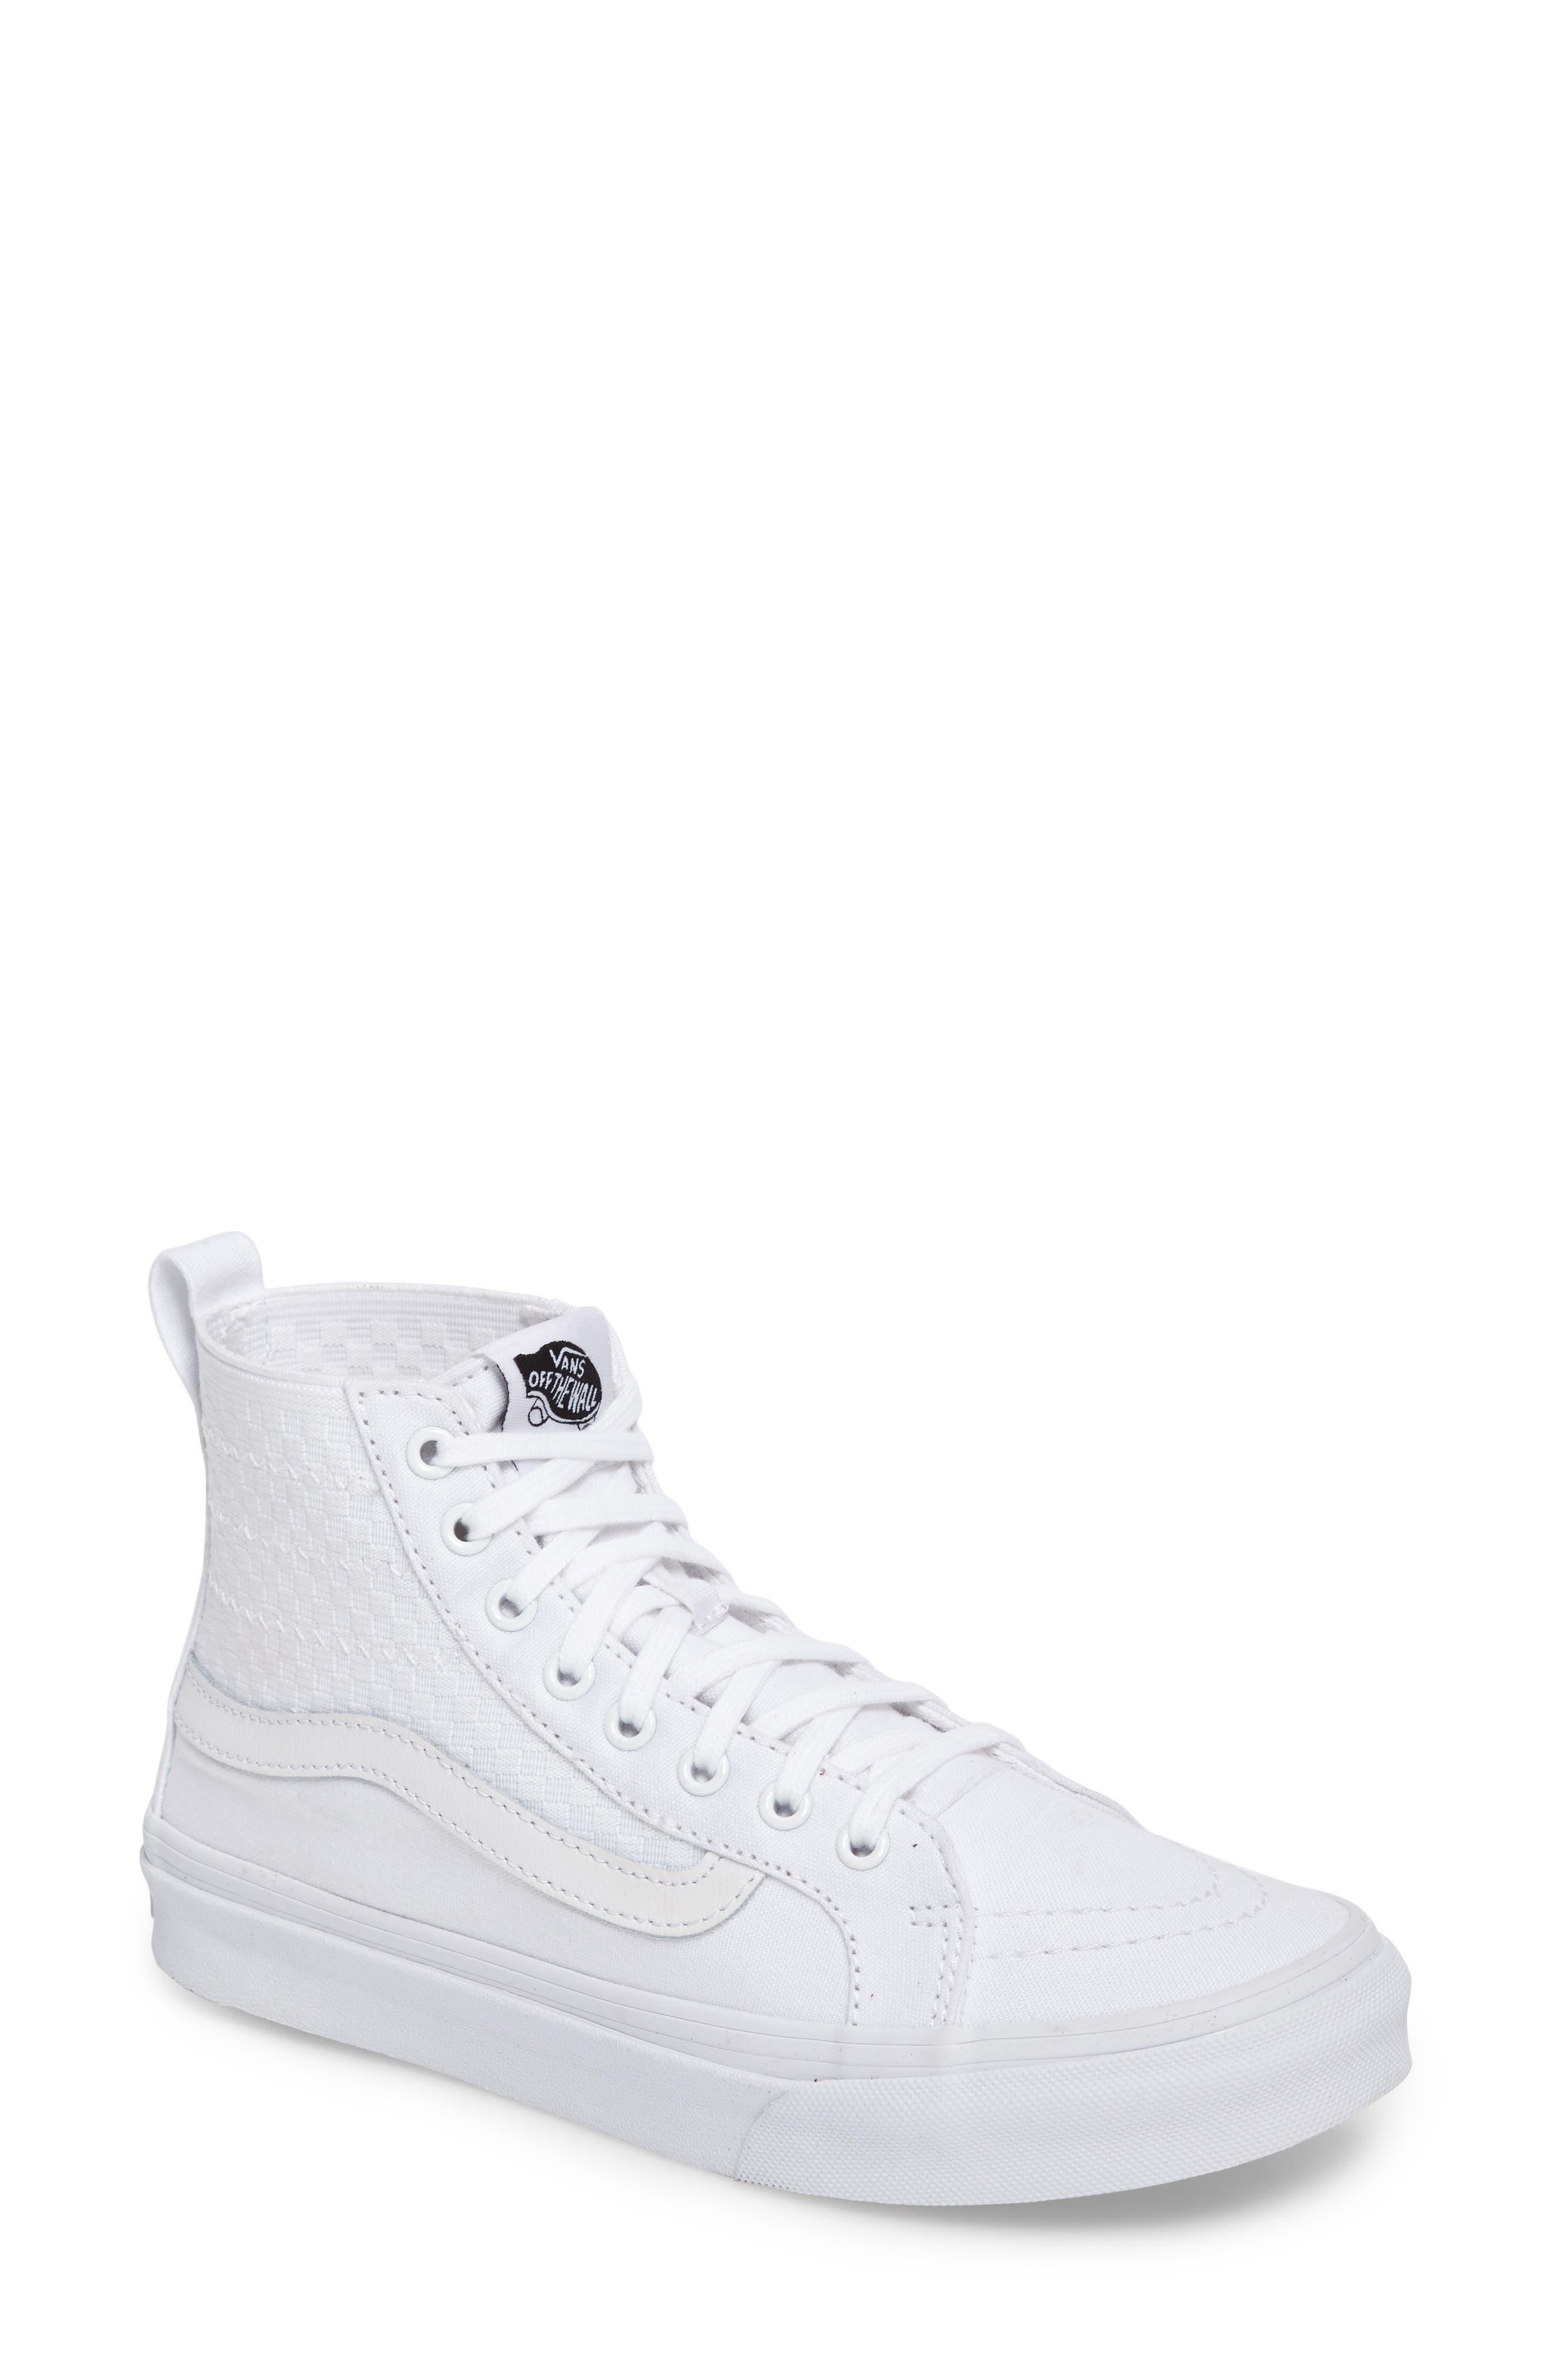 Main Image - Vans SK8-HI Slim Gore Sneaker (Women)